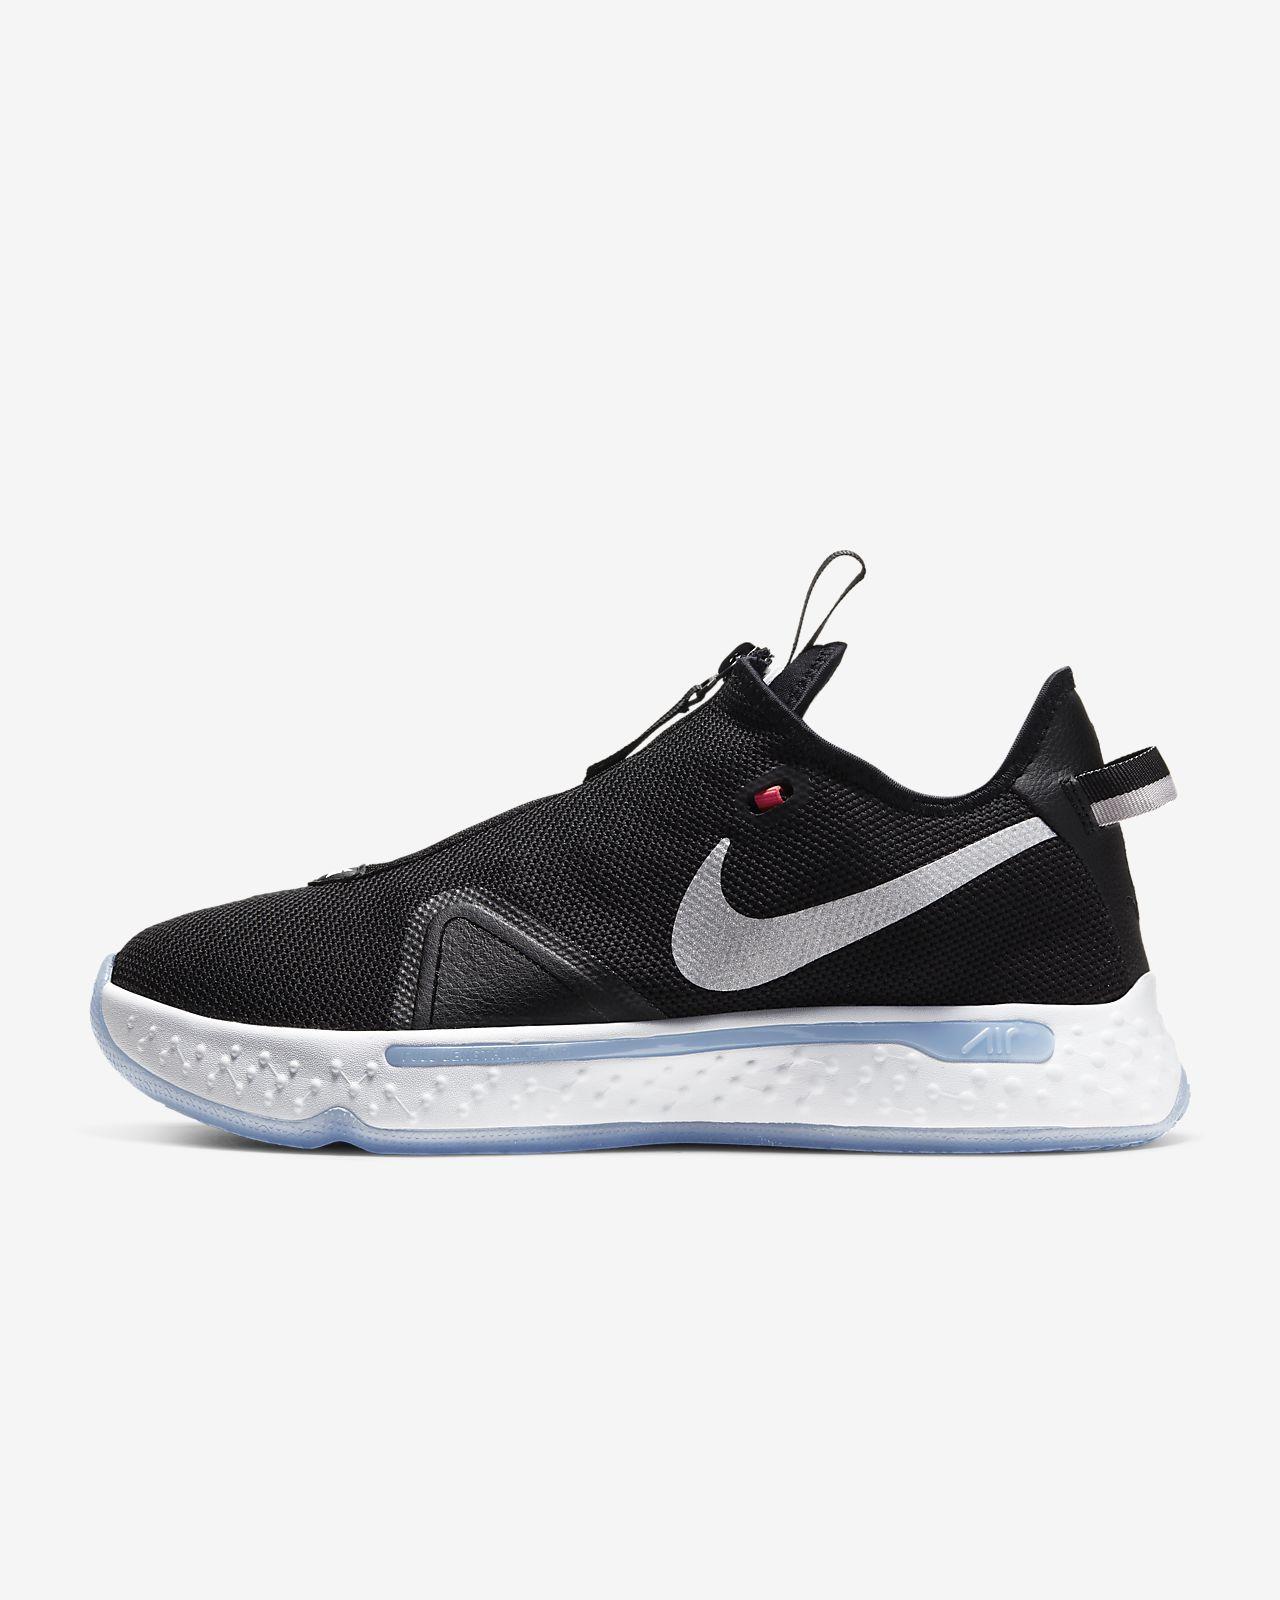 PG 4 Basketball Shoe